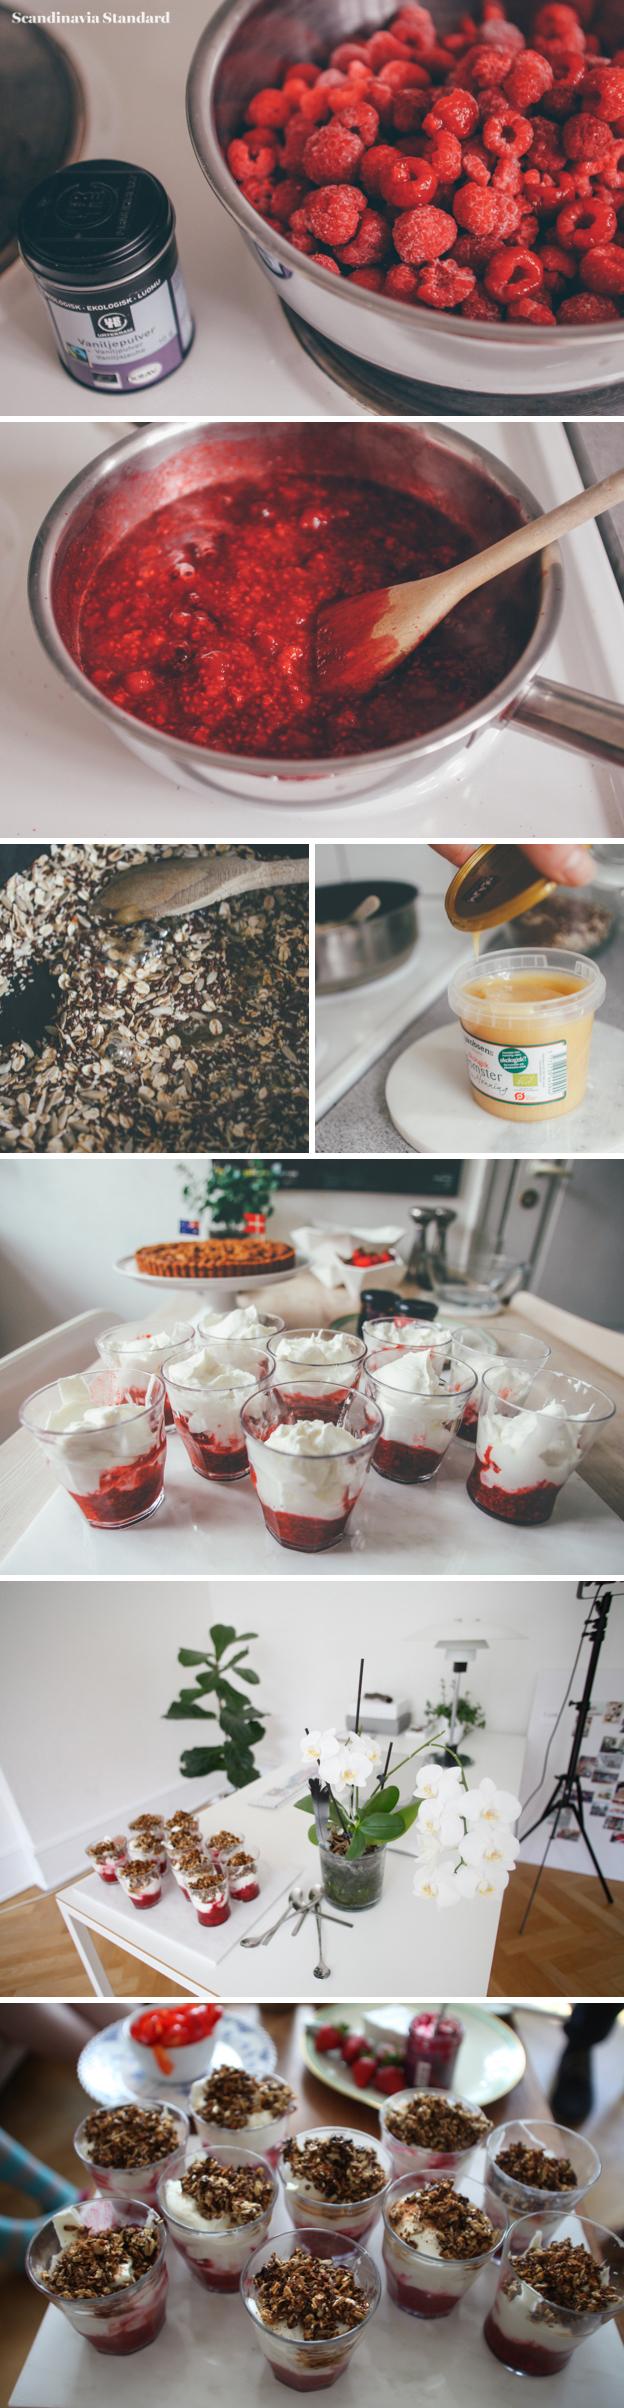 4. Brunch Yoghurt Pots | Scandinavia Standard